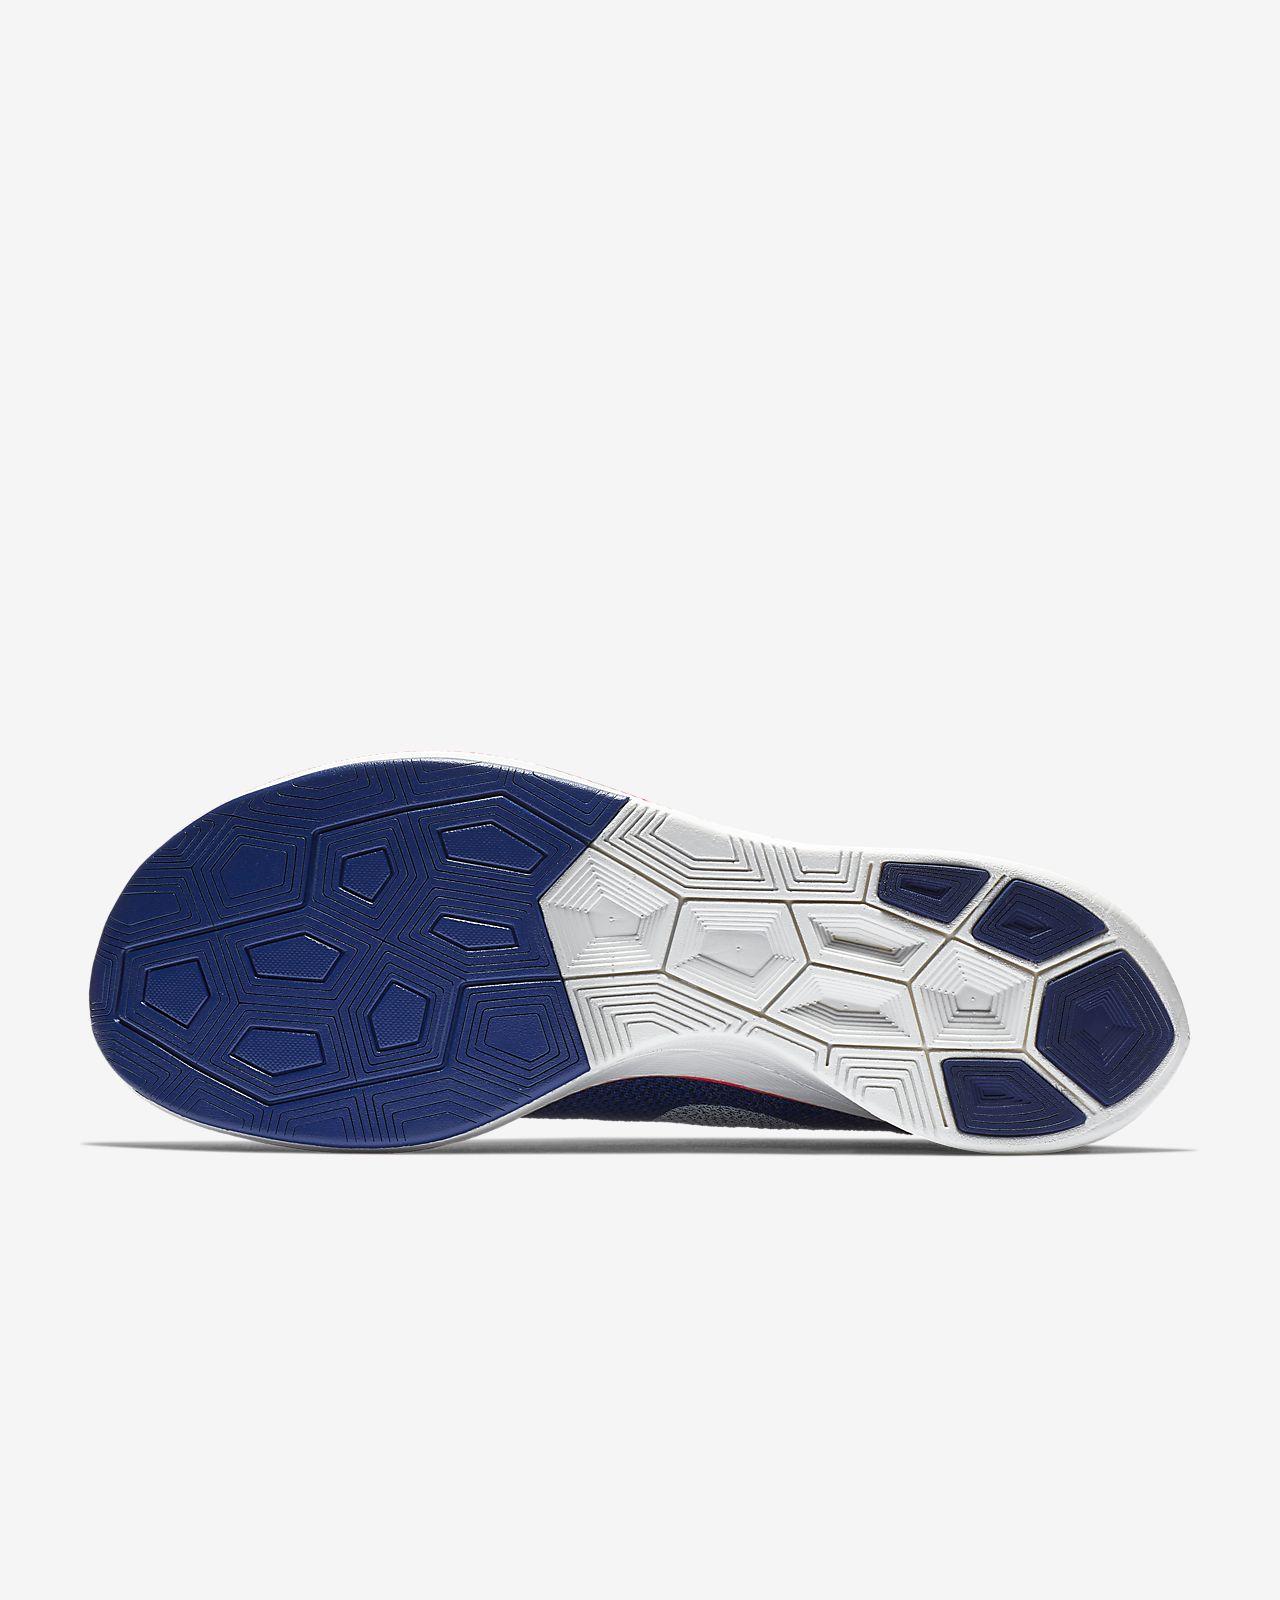 e2732c2b059f60 Nike Vaporfly 4% Flyknit Running Shoe. Nike.com GB